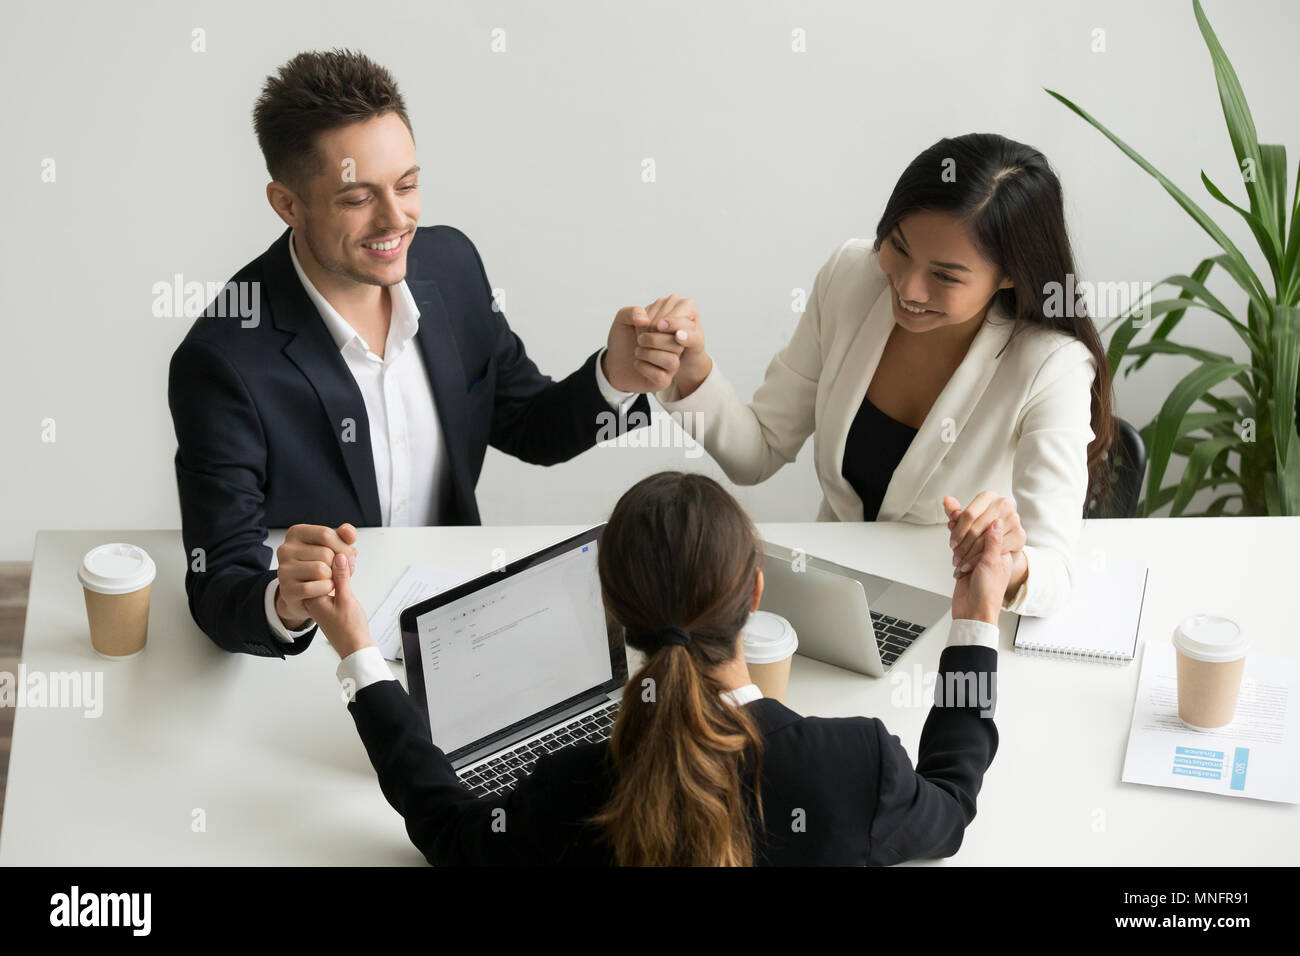 Business team meditating together holding hands - Stock Image